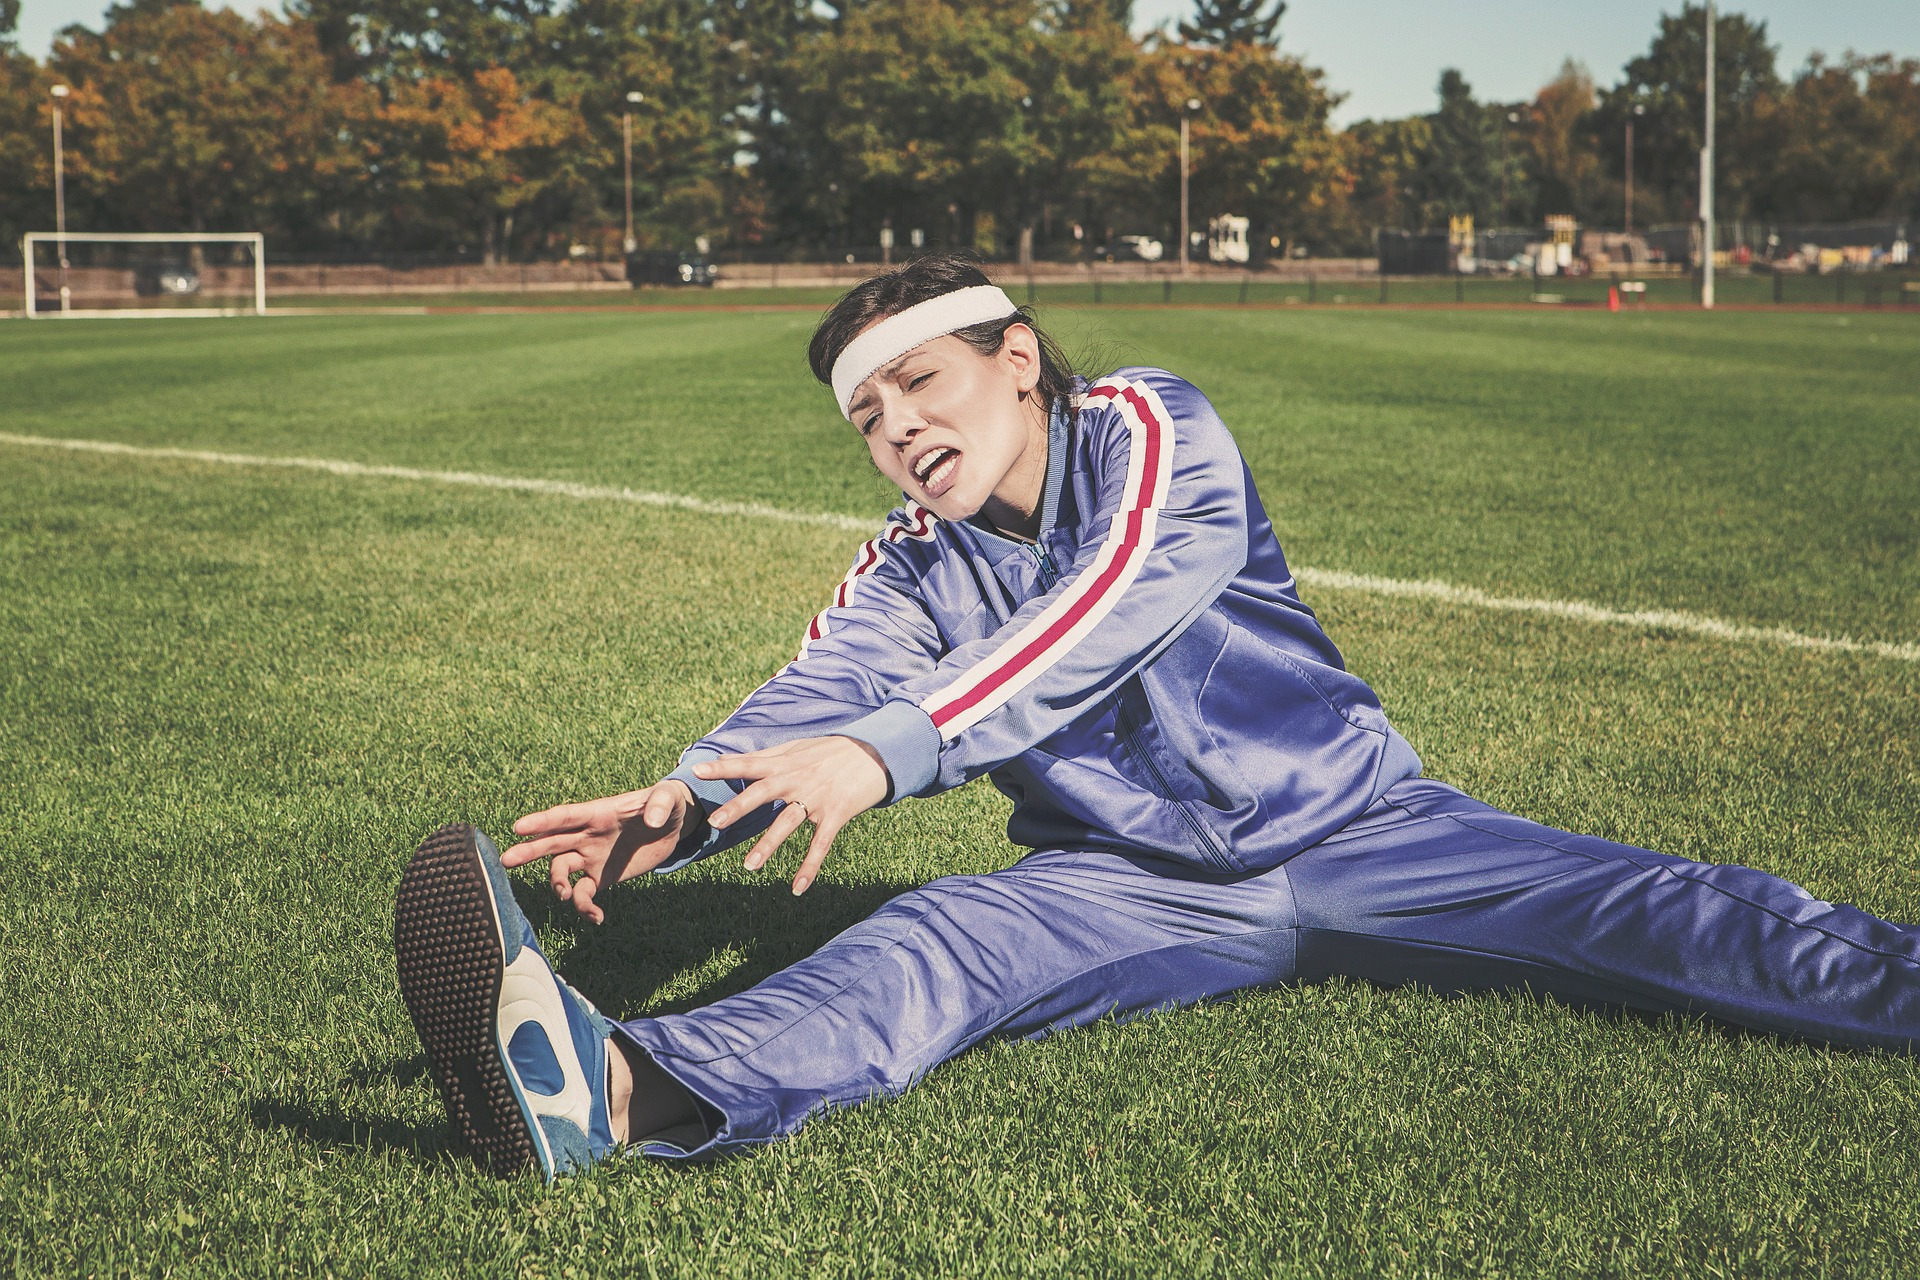 Każdy powinien uprawiać sport